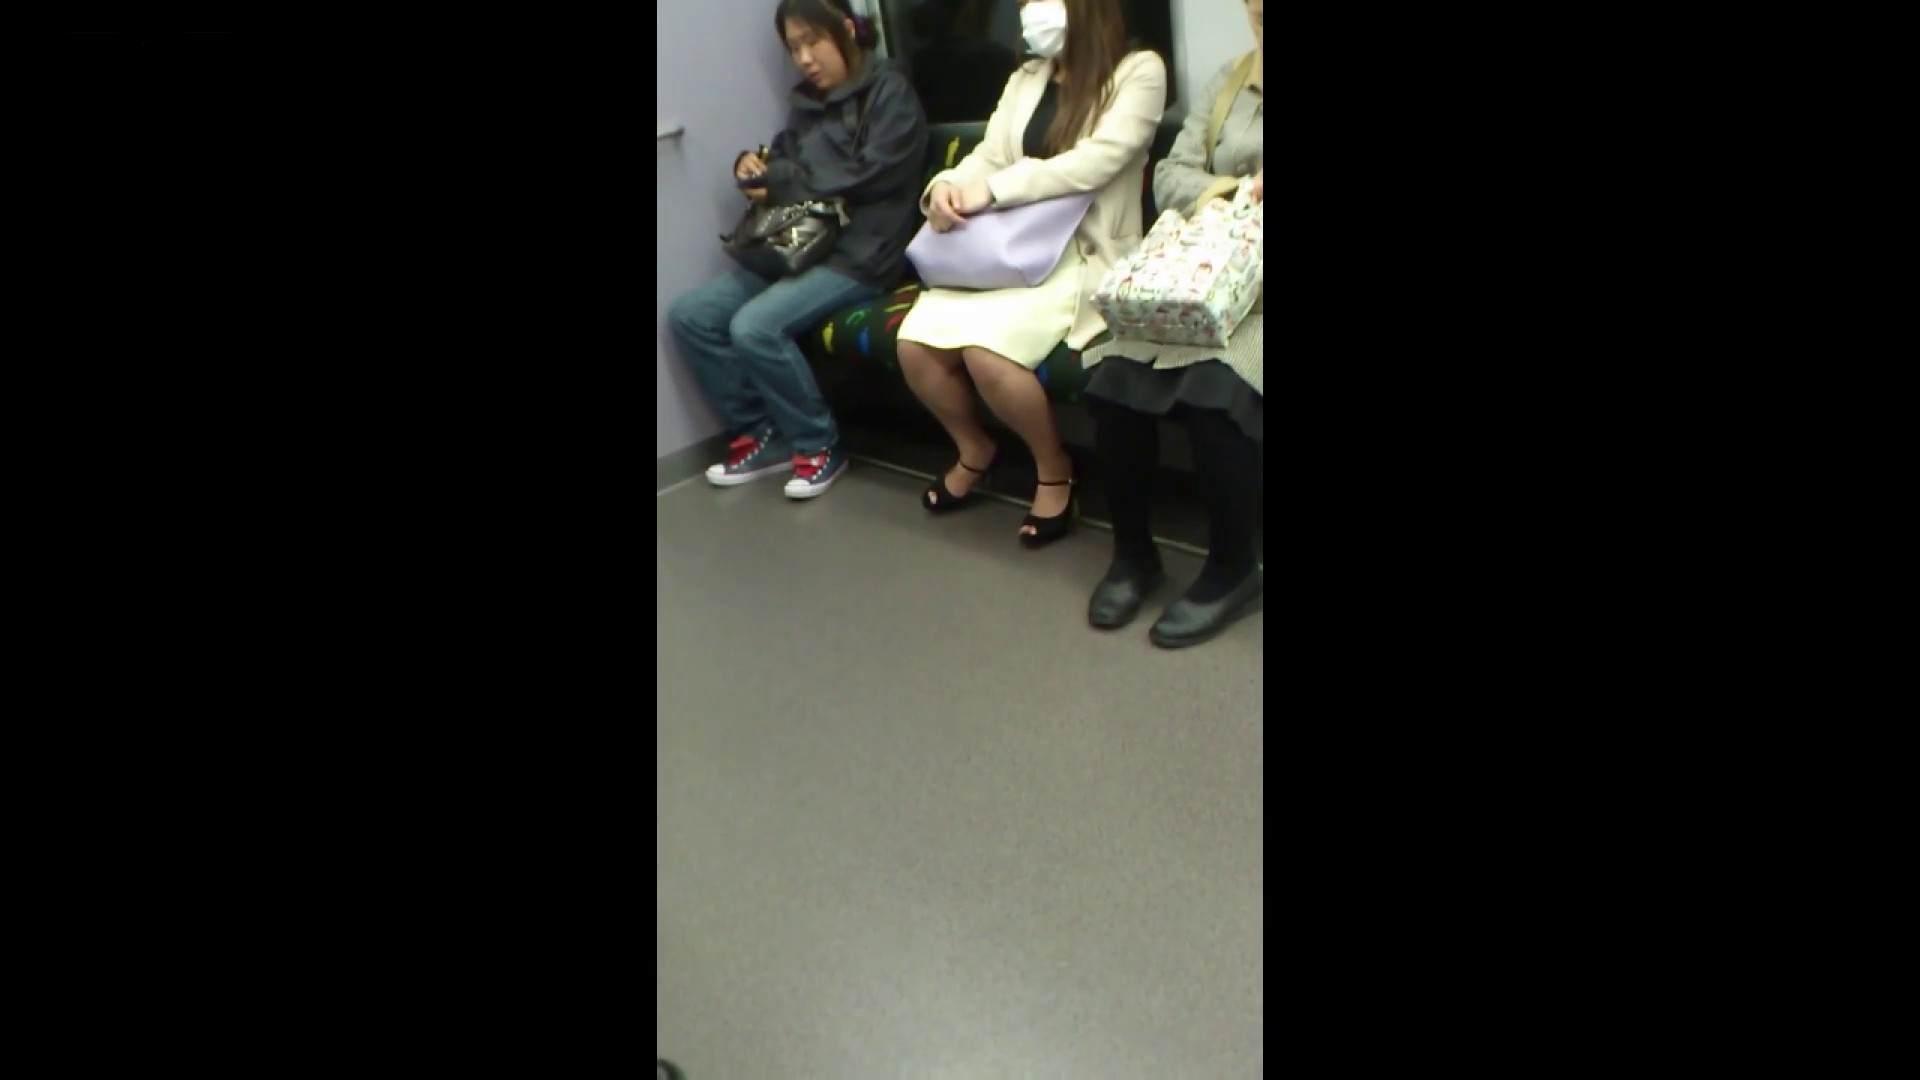 盗撮列車 Vol.55 黄色の爽やかなスカートが大好きです。 盗撮エロすぎ | OL  38連発 24